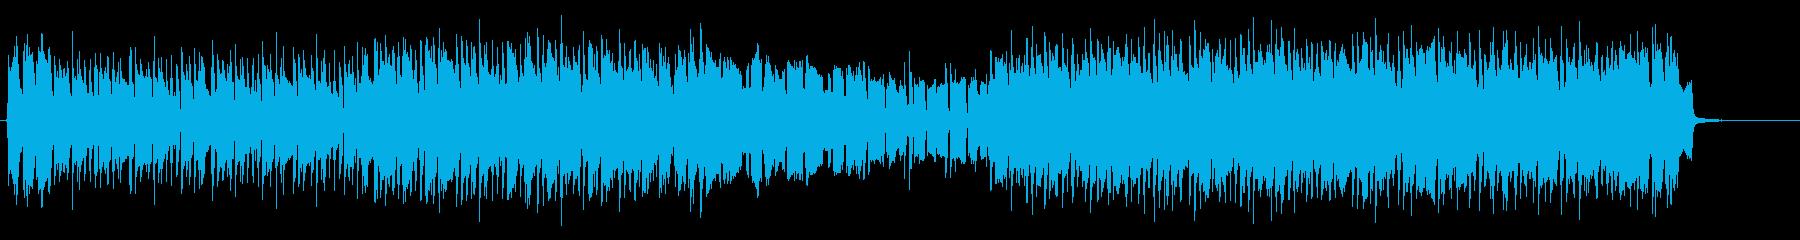 【ロック】悪役_かませ犬_ヤンキーの再生済みの波形